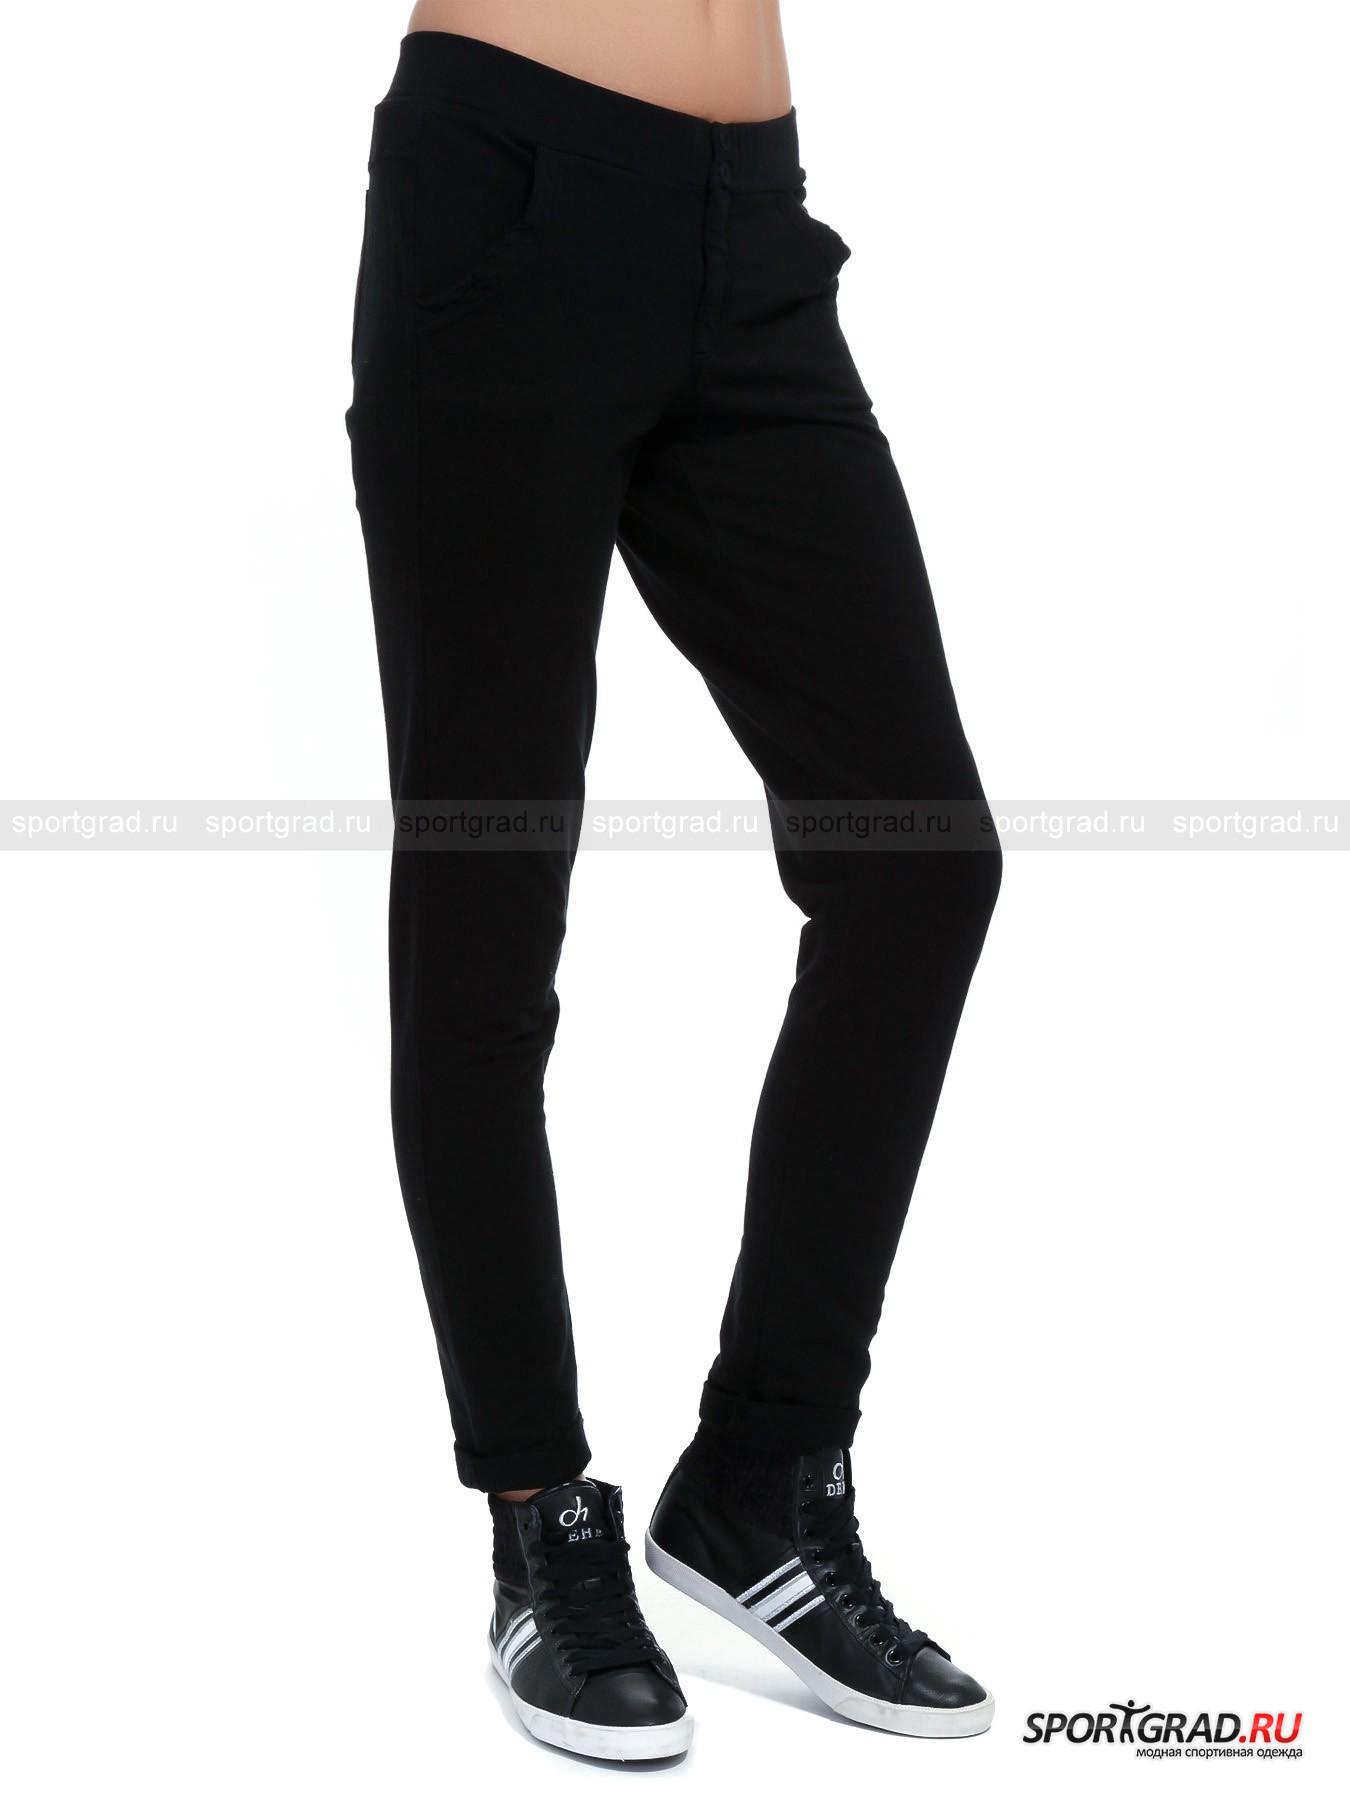 Брюки женские Pants DEHA из футерированного хлопка от Спортград